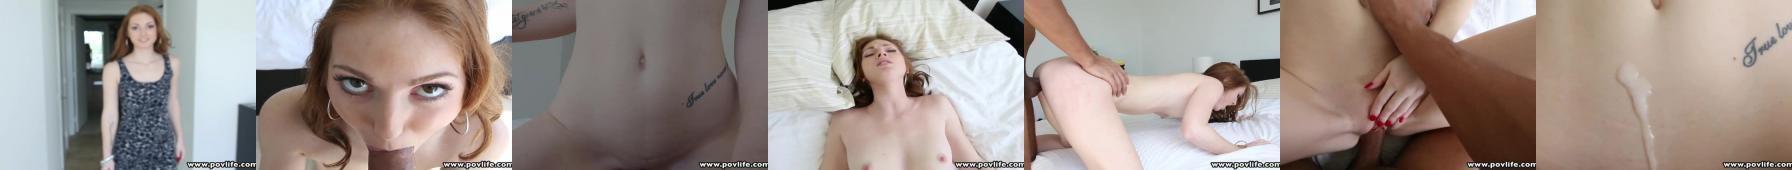 laseczka dostała spermę na brzuch